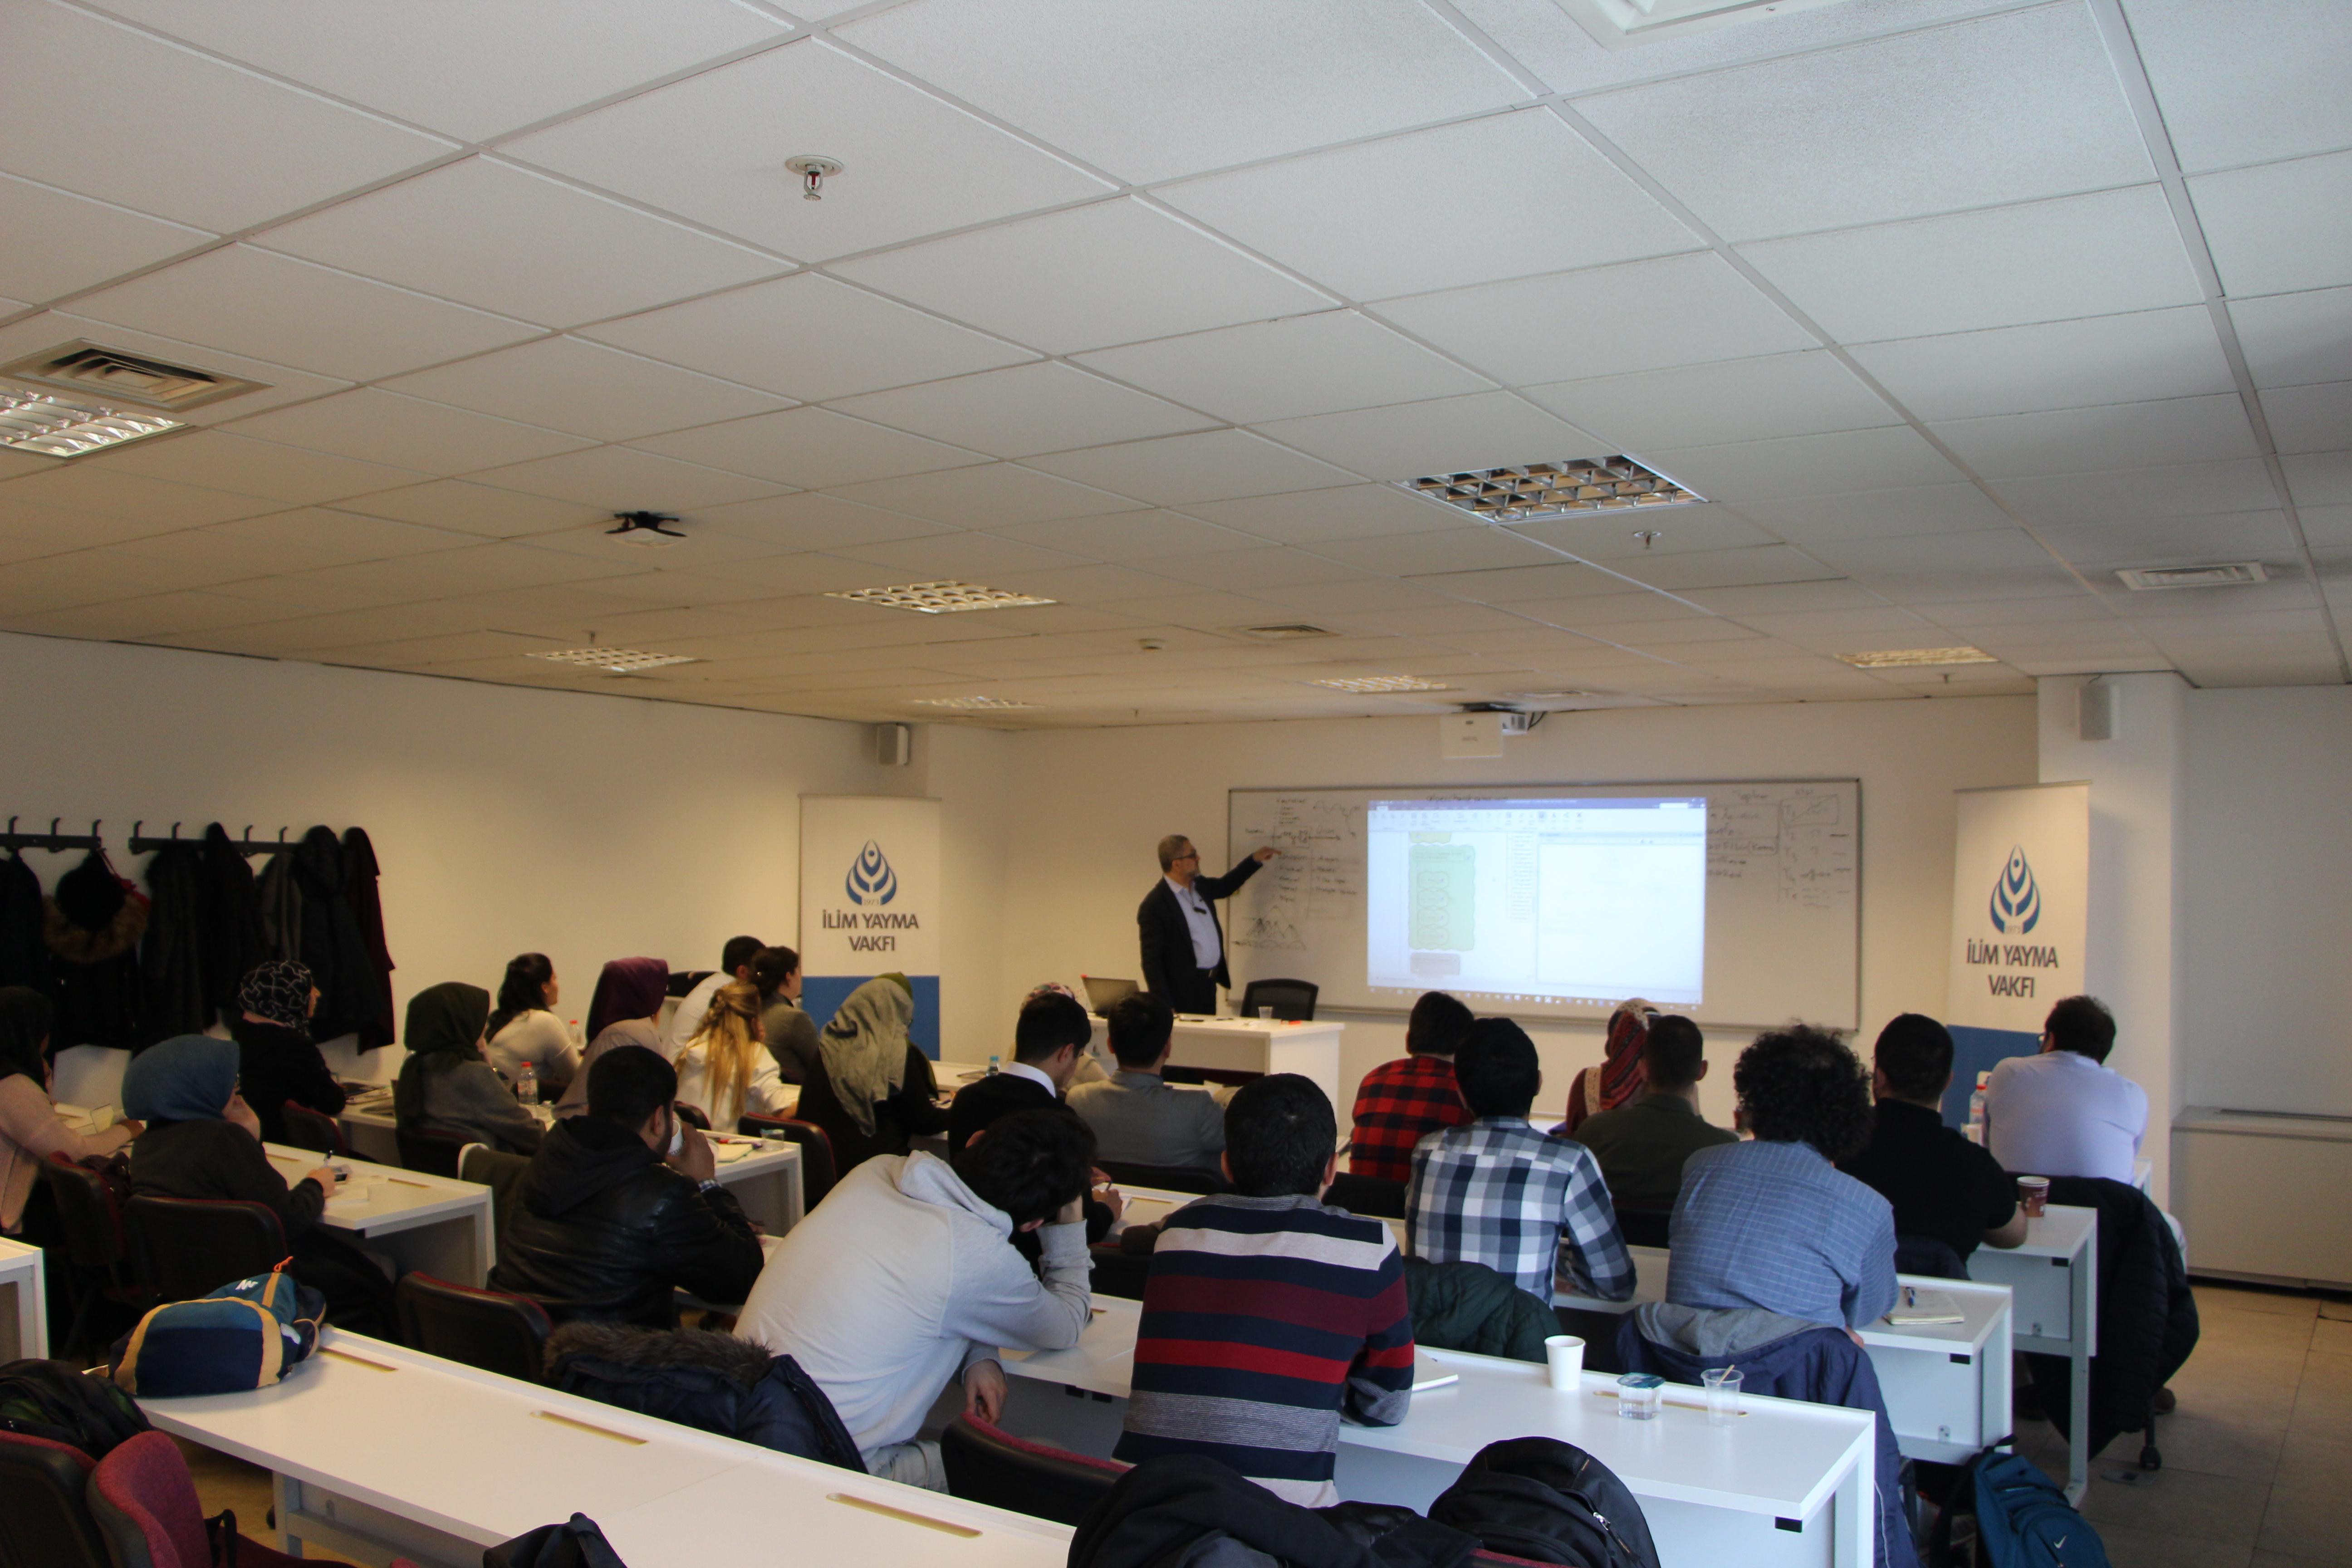 İlim Yayma Lisansüstü Bursiyerine Yönelik Prokob Proje Geliştirme Ve Yönetme Eğitimi Gerçekleştirildi - Haberler - İlim Yayma Vakfı, İYV